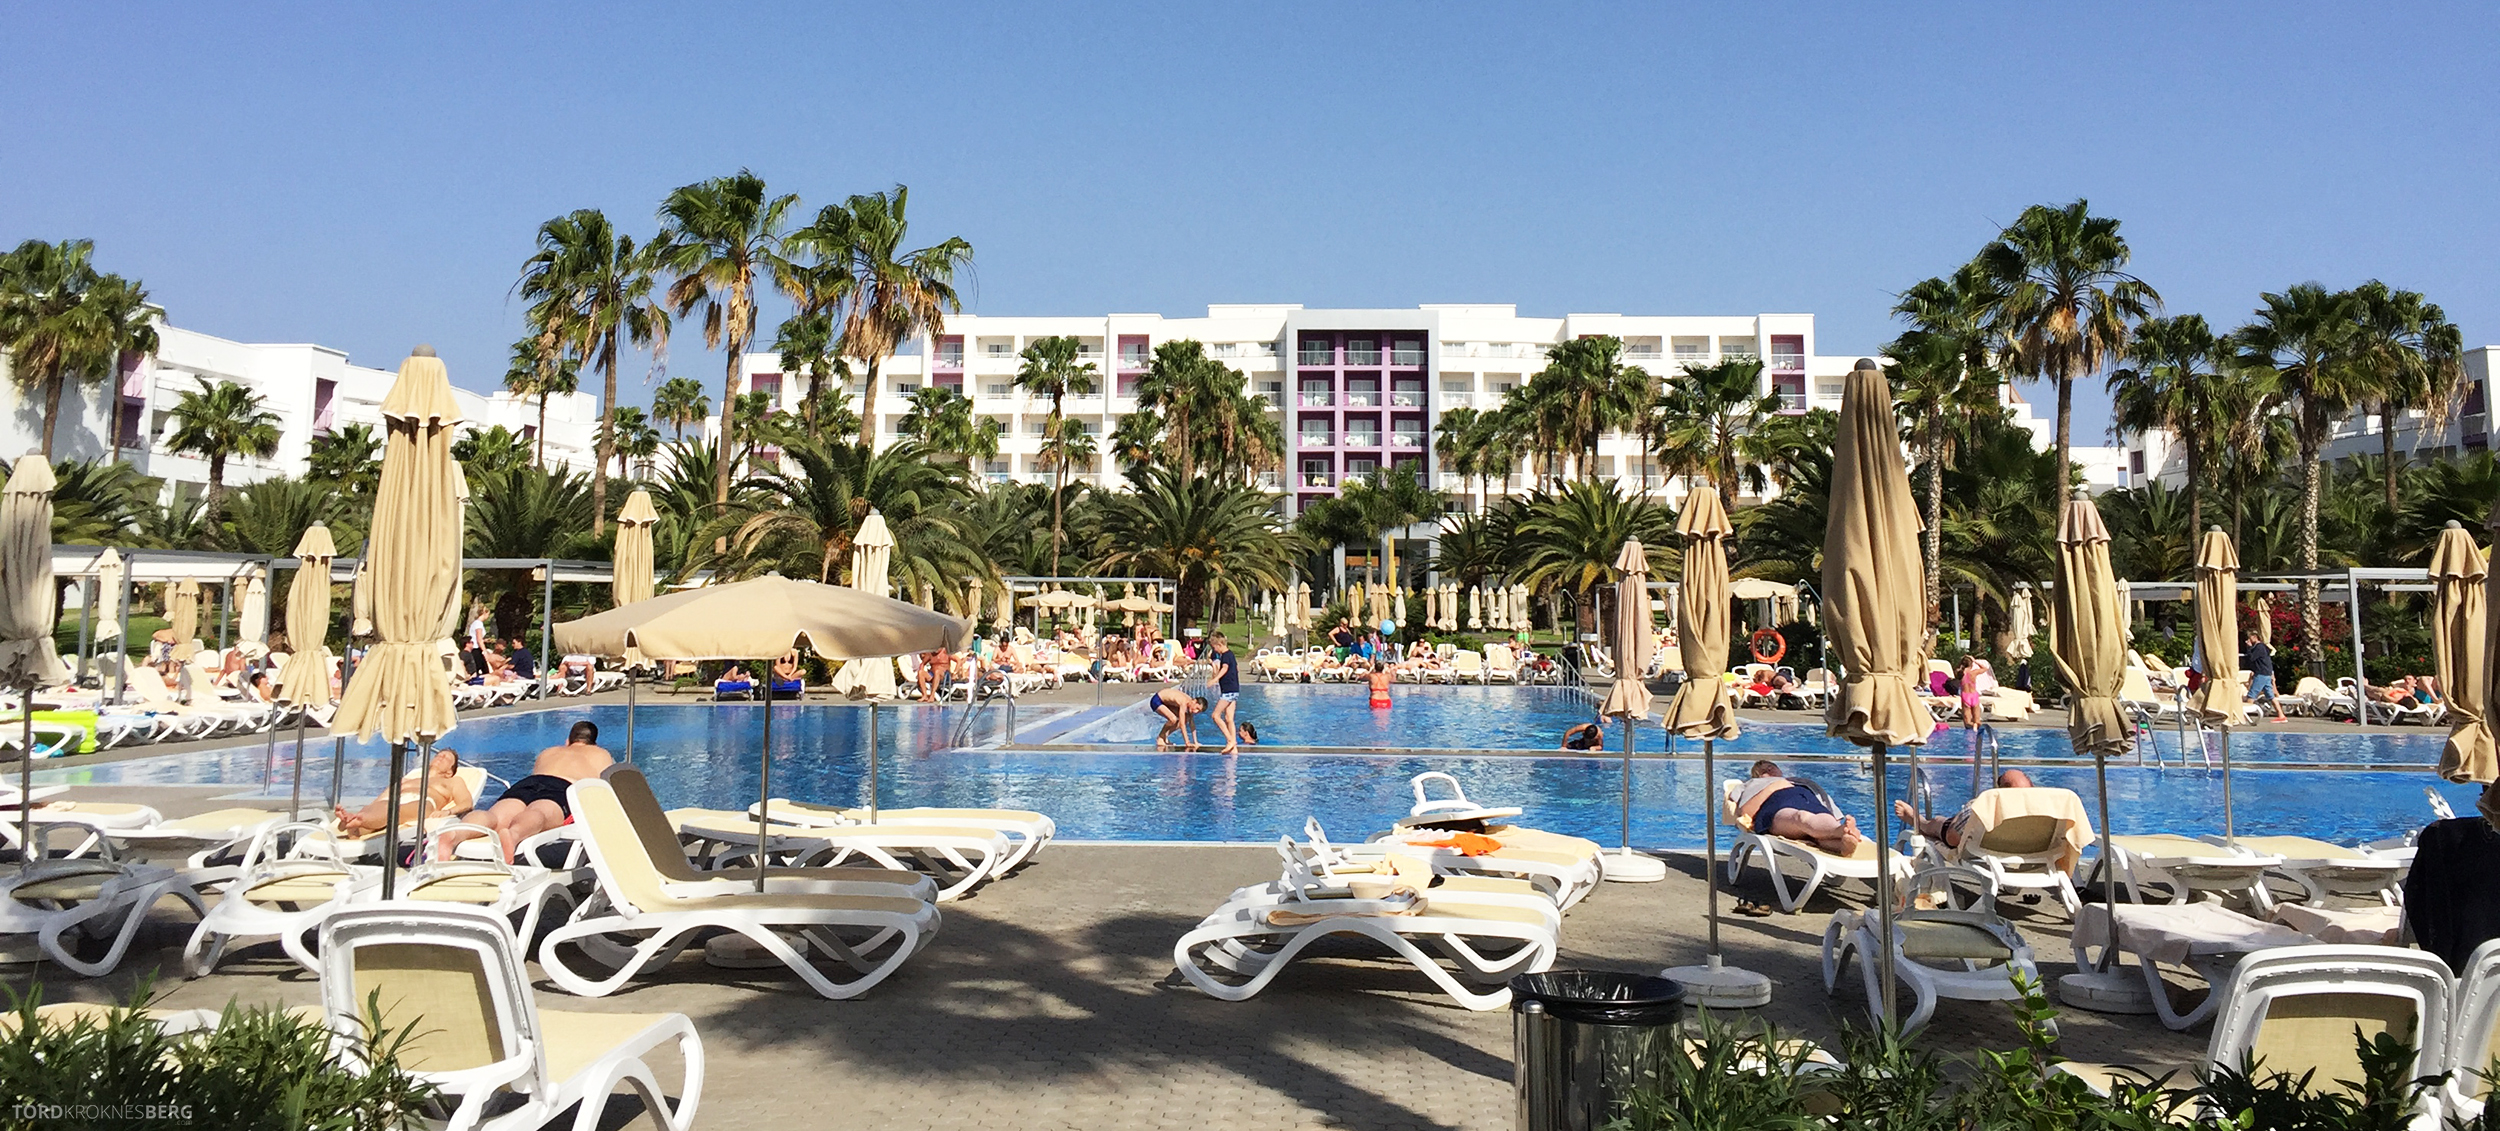 ClubHotel RIU Gran Canaria bassengområde